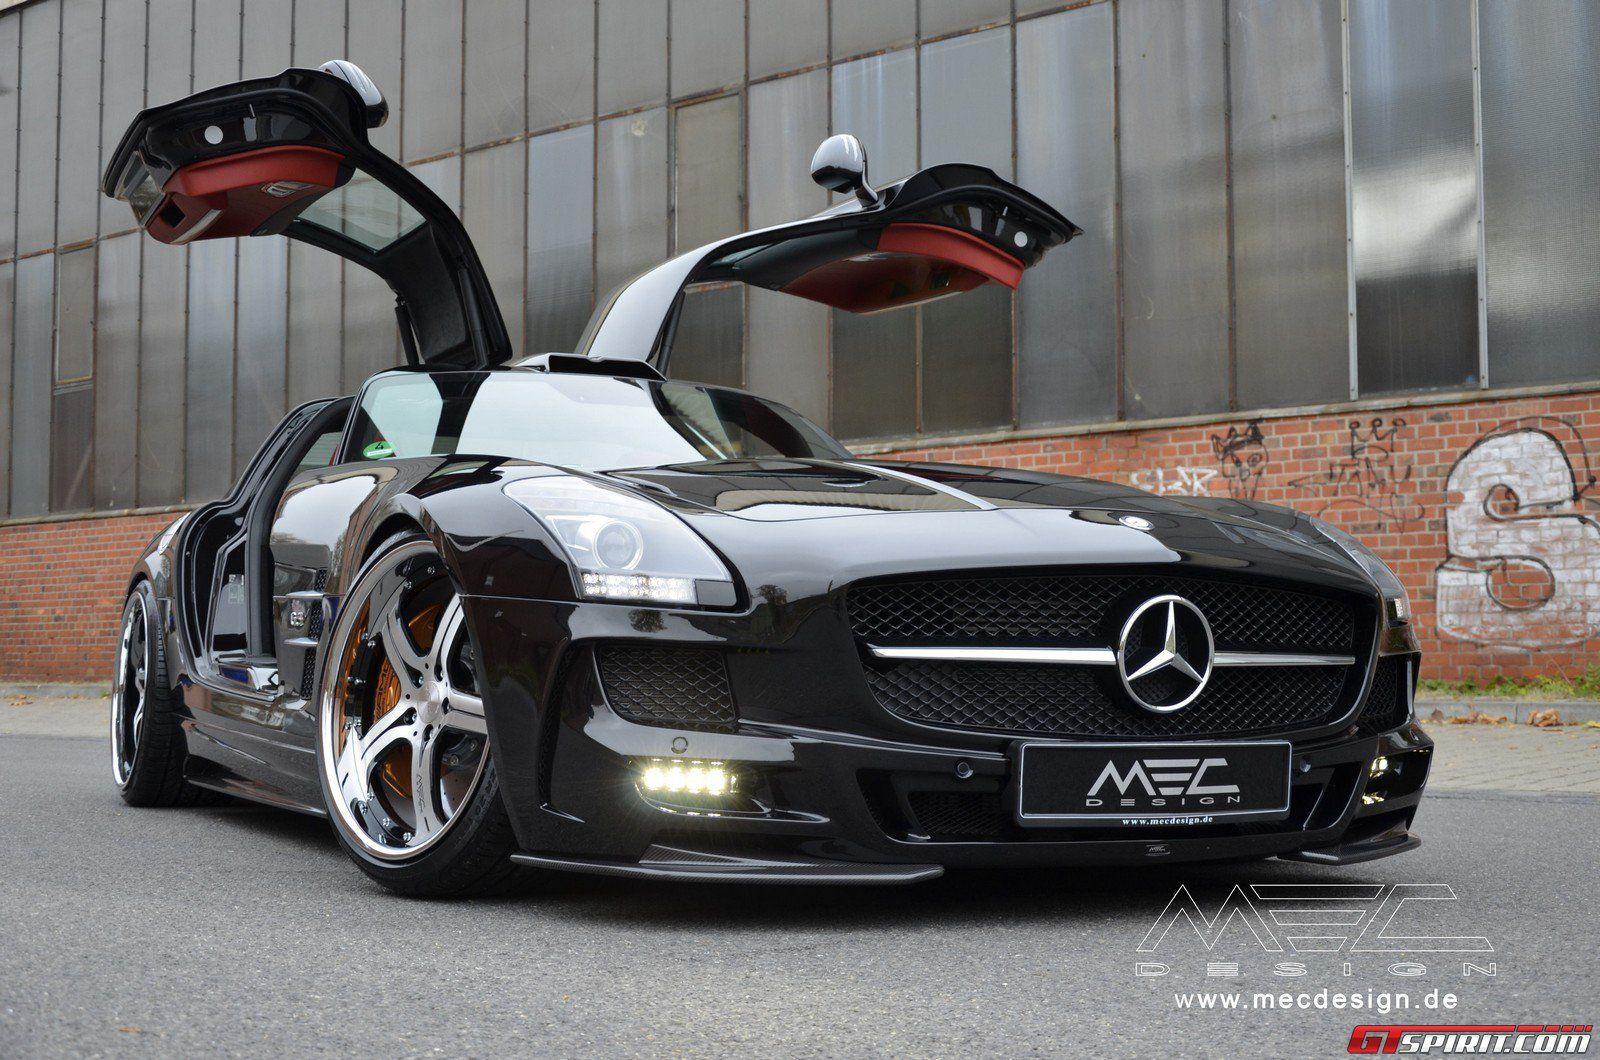 Mec Design Mercedes Benz W197 Sls 63 Amg With Images Mercedes